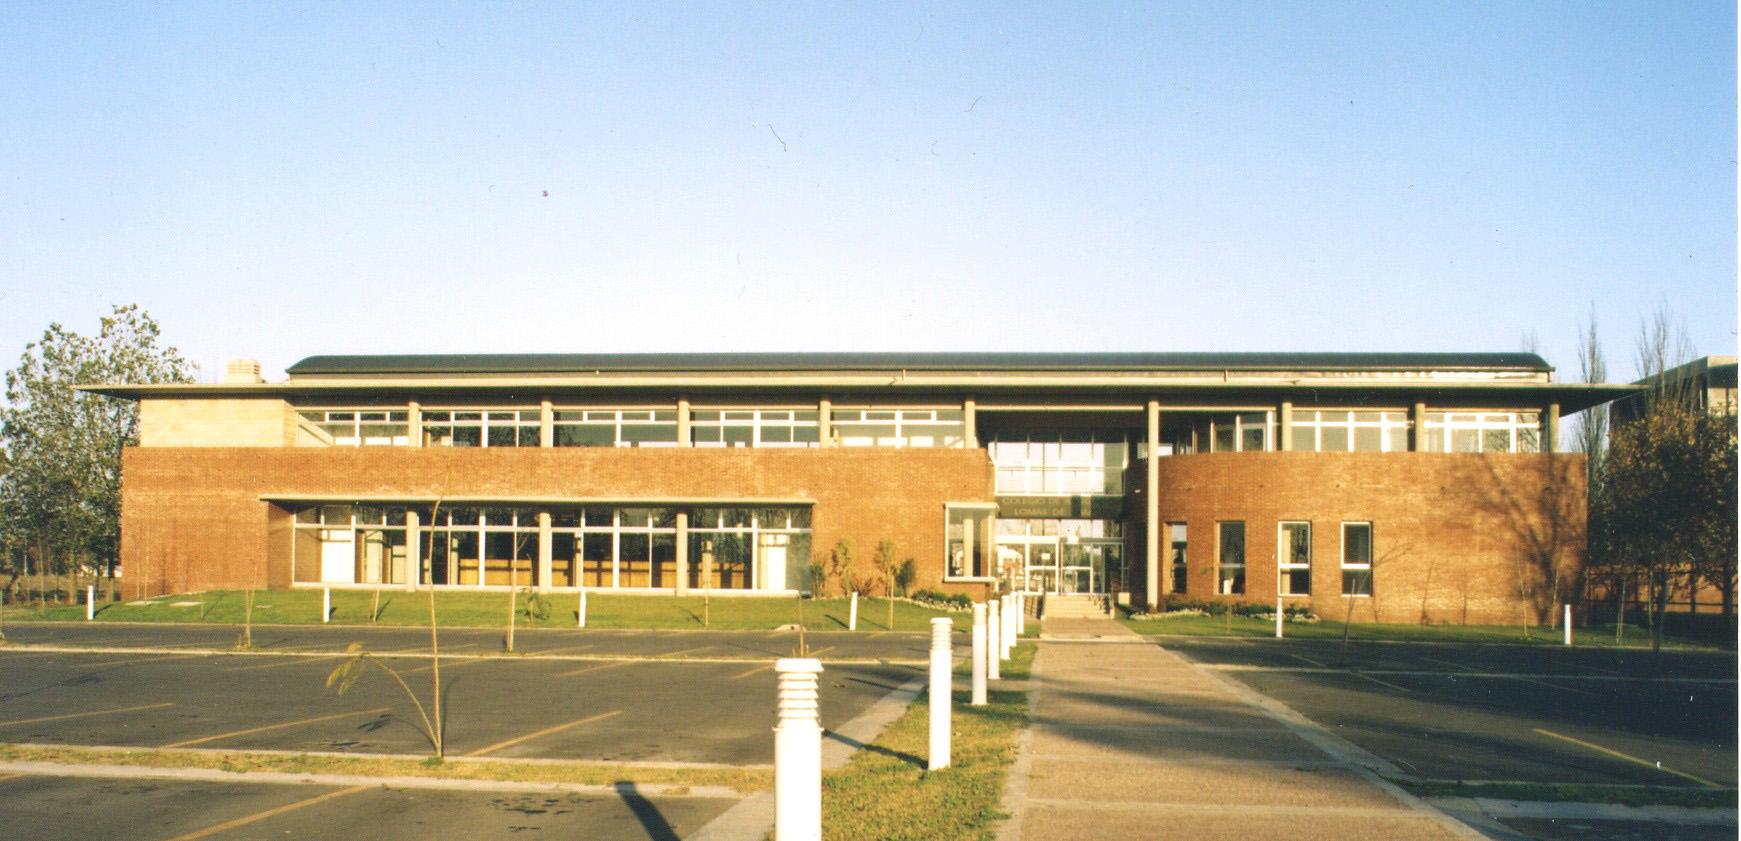 Colegio De Abogados Lomas De Zamora